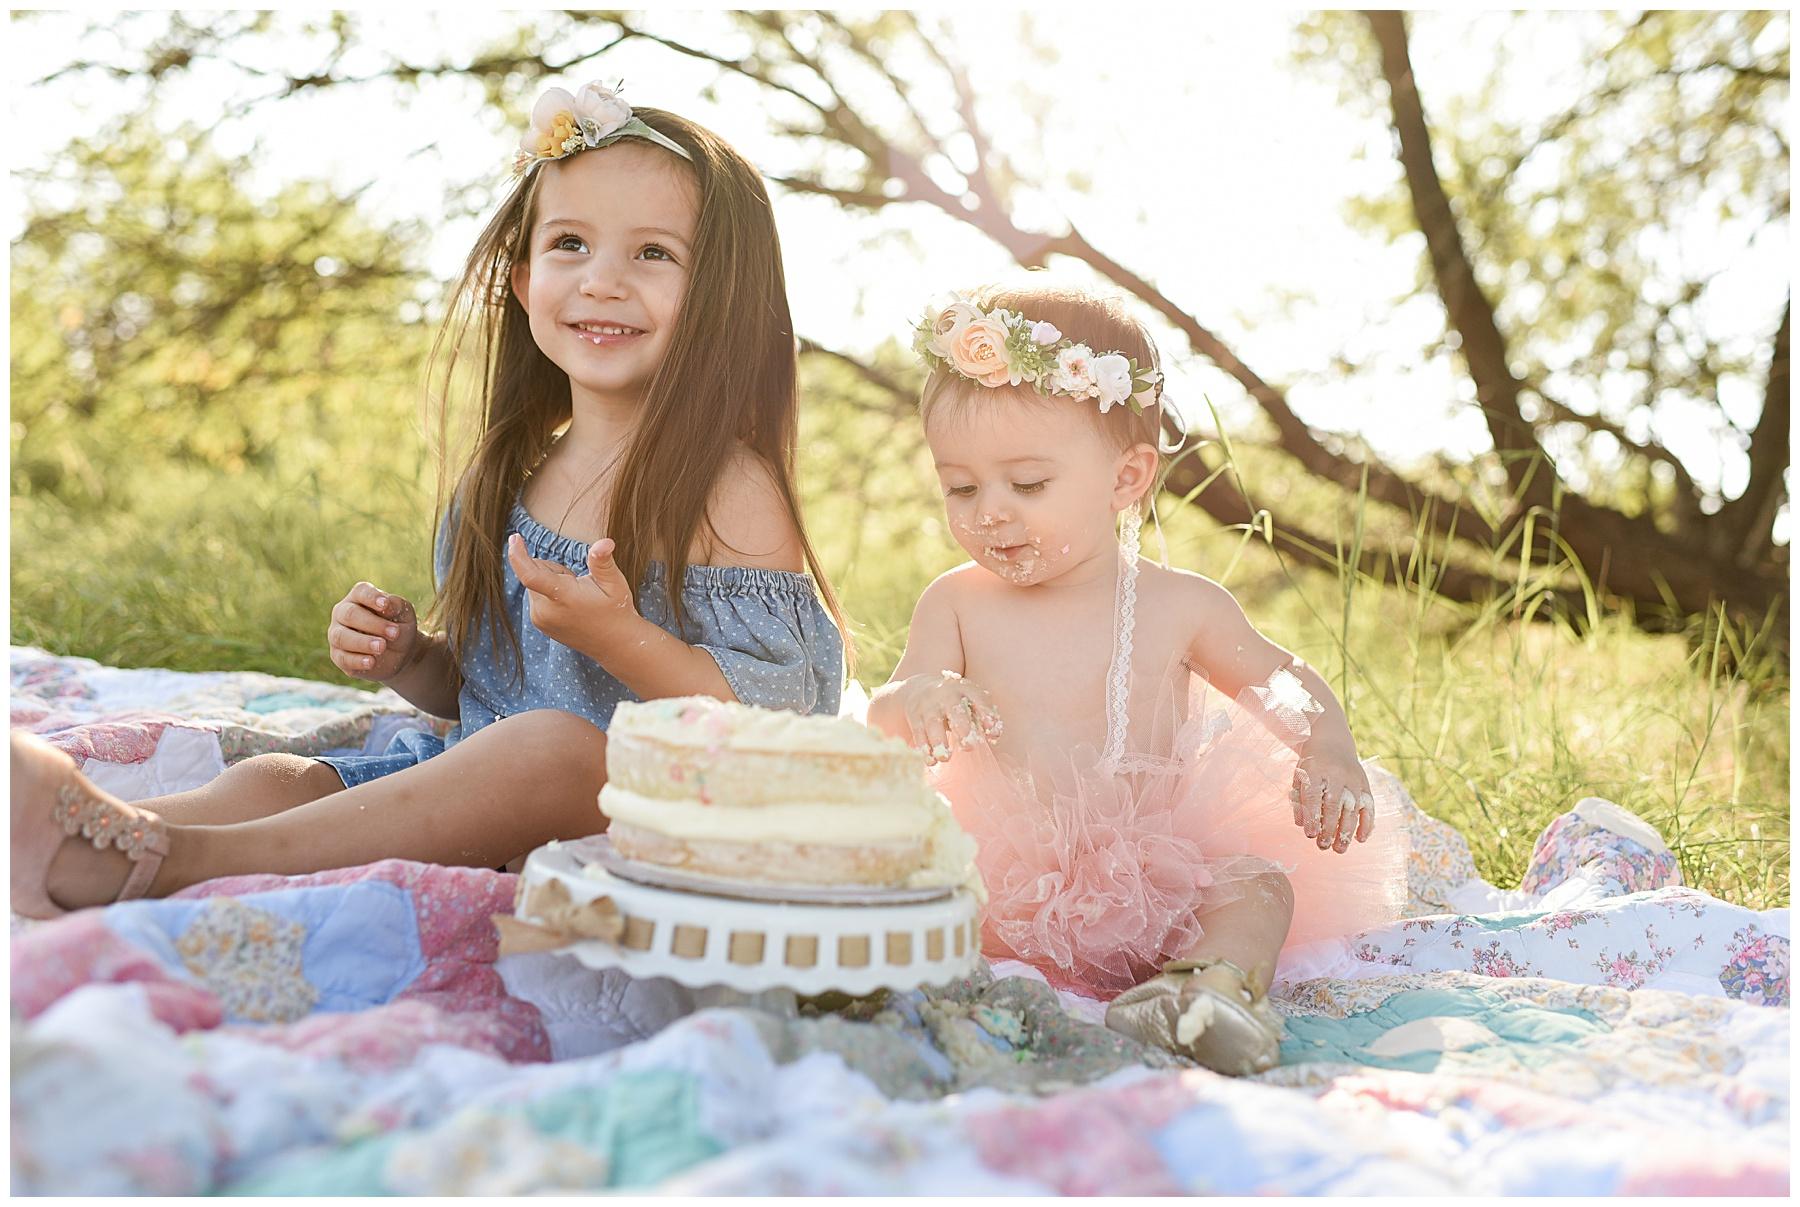 Sister Cake Smash photographer | SweetLife Photography